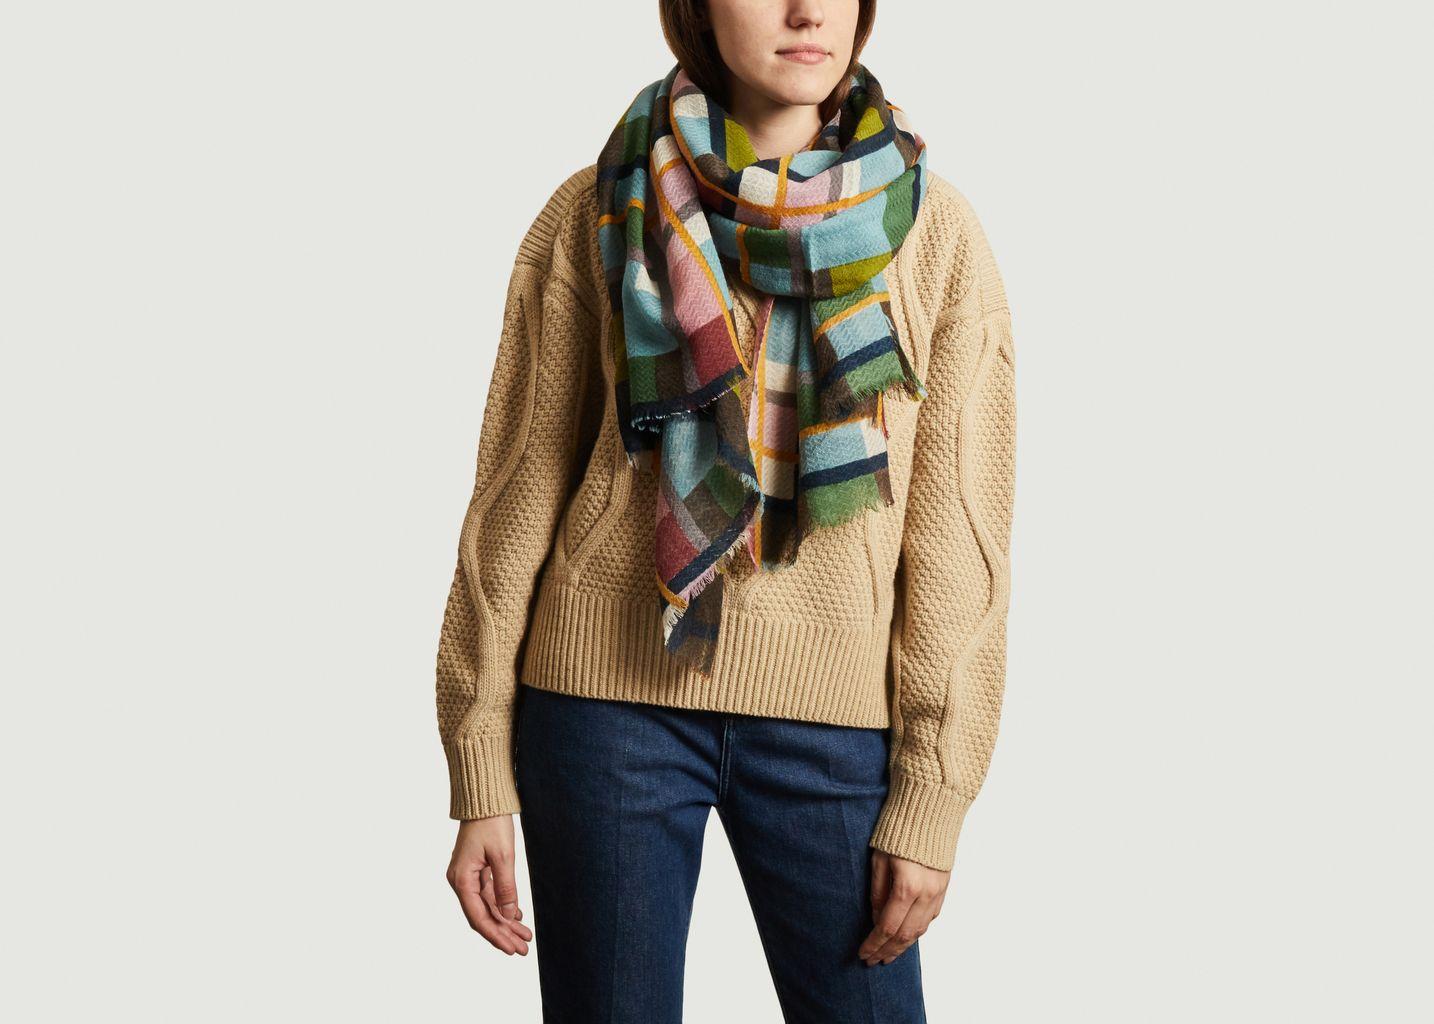 Etole en laine à carreaux PW 2150 - Epice